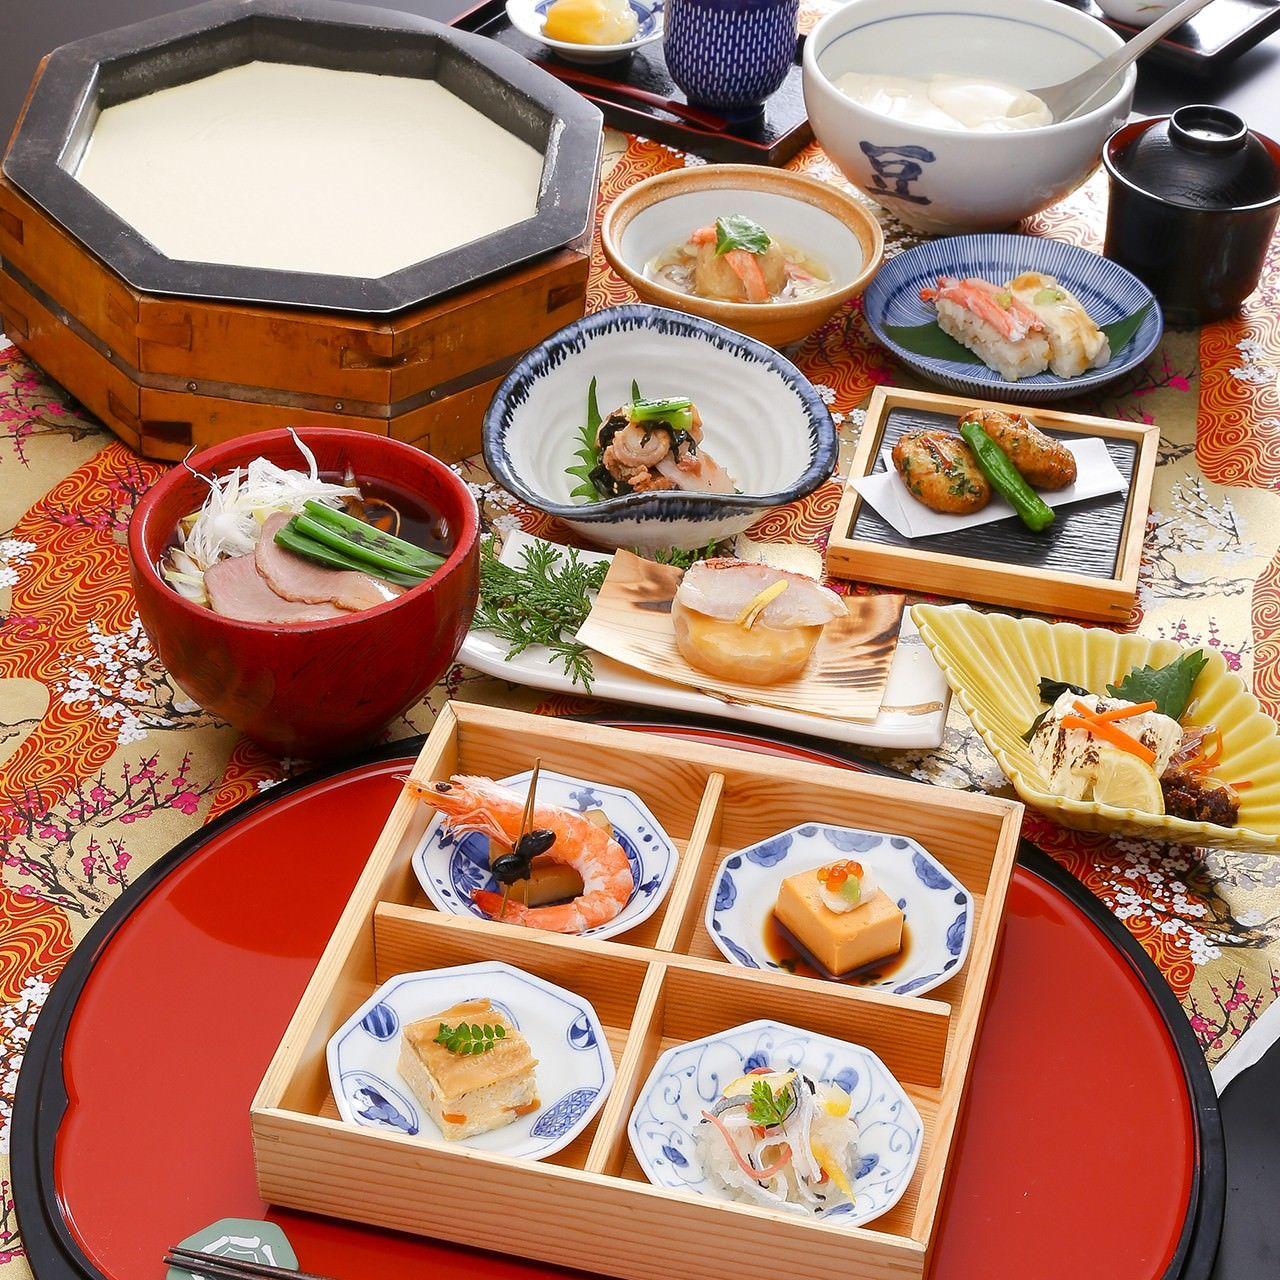 豆富料理と吟醸蒸し 八かく庵 大阪マルビル店のイメージ写真